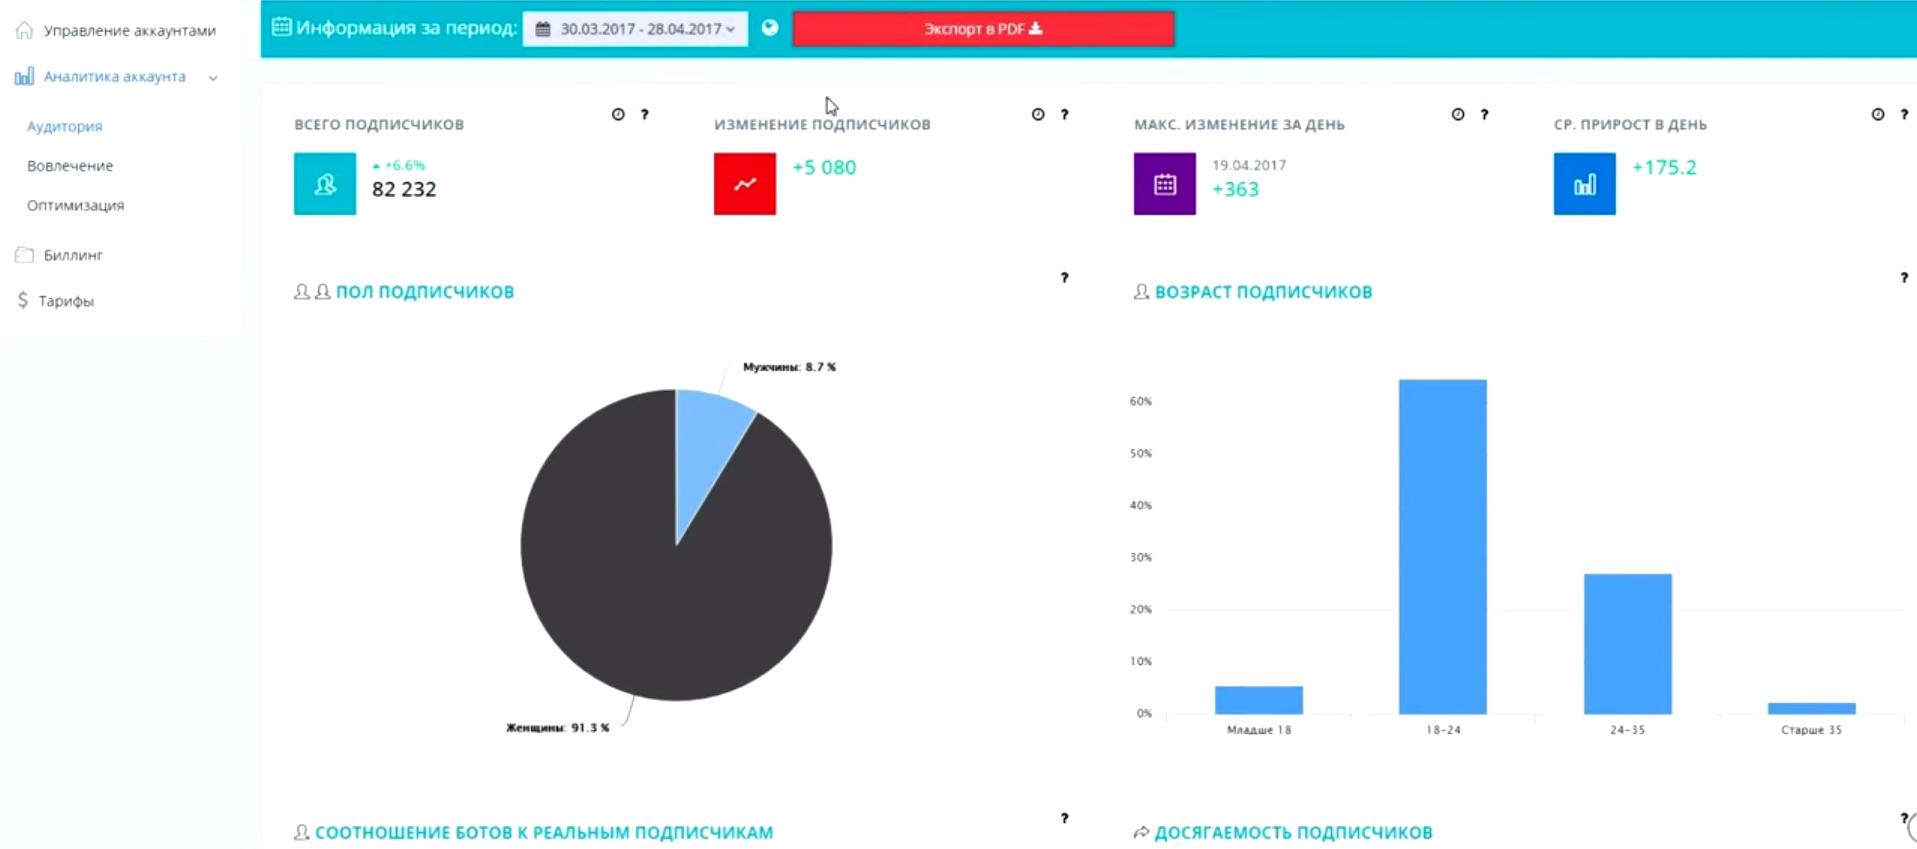 Аналитика аудитории аккаунта социальной сети в системе анализа соцмедиа и интернет-маркетинга Picalytics